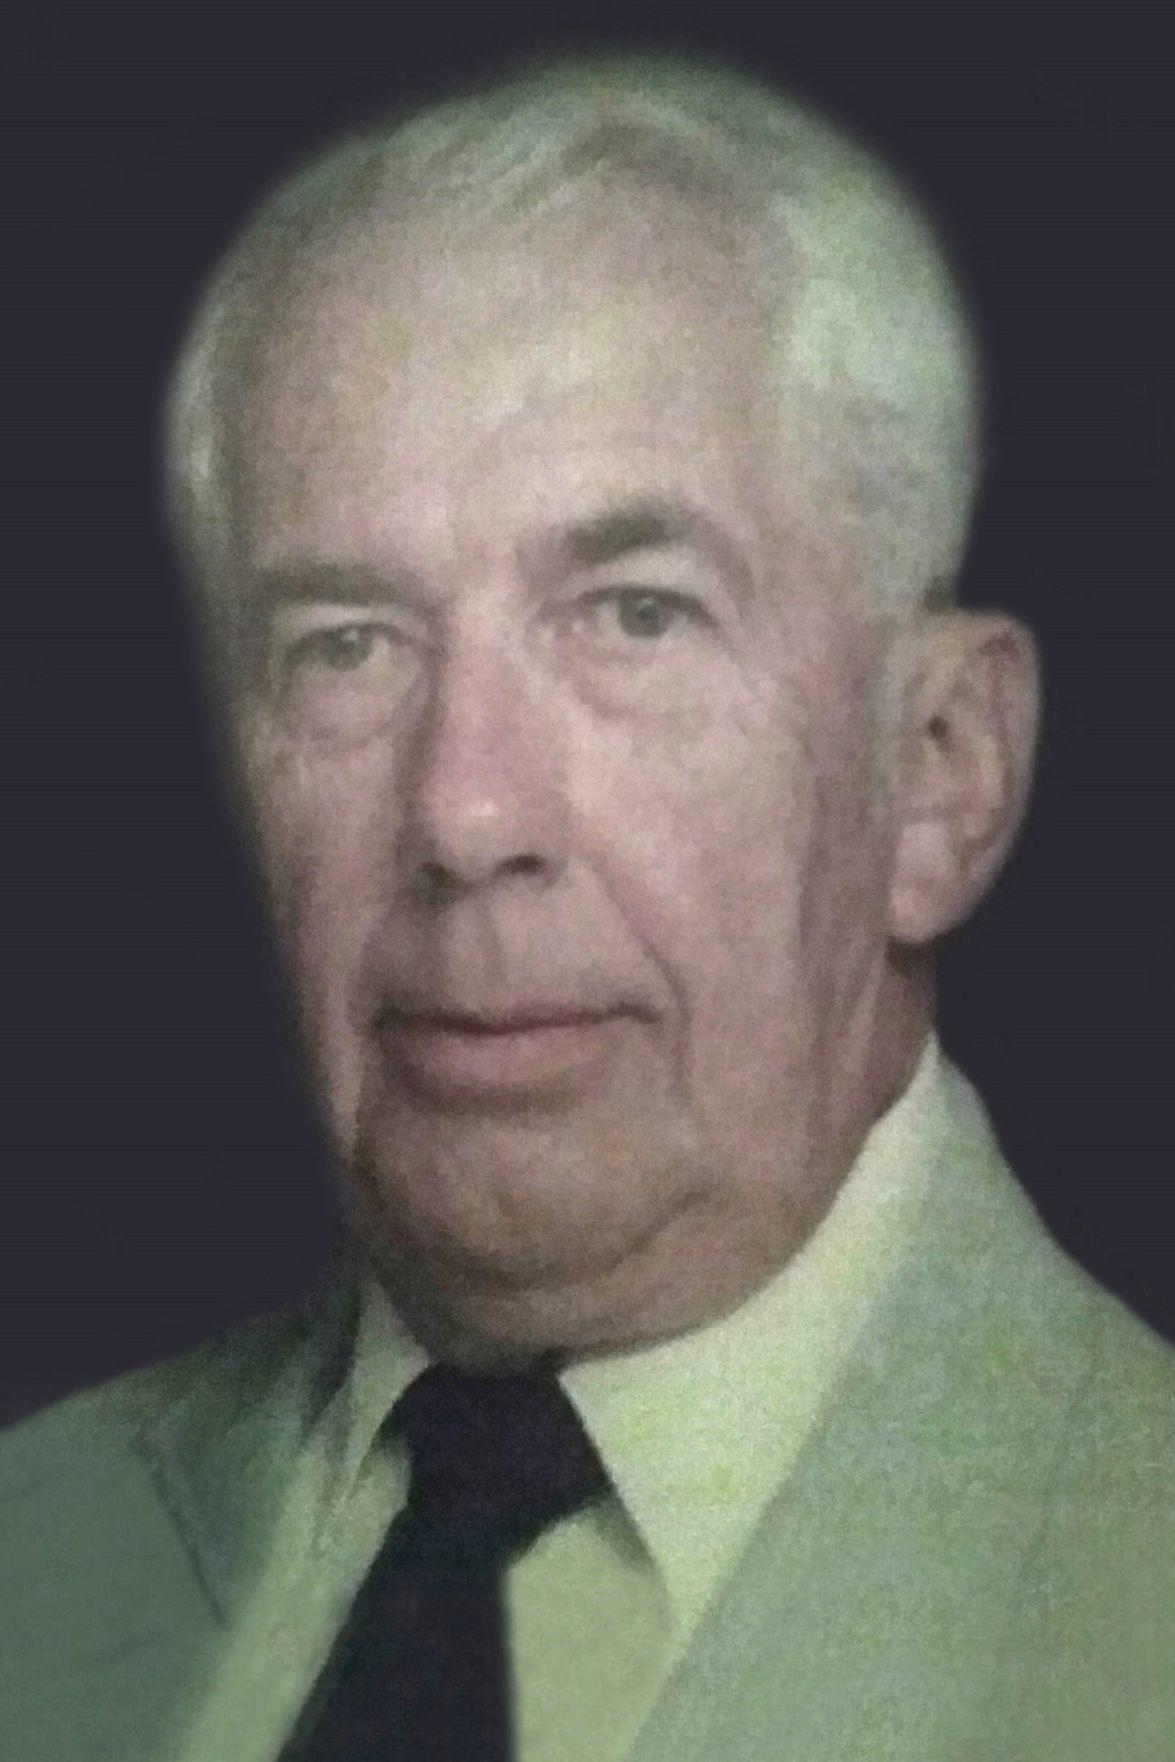 Gordon Skouge